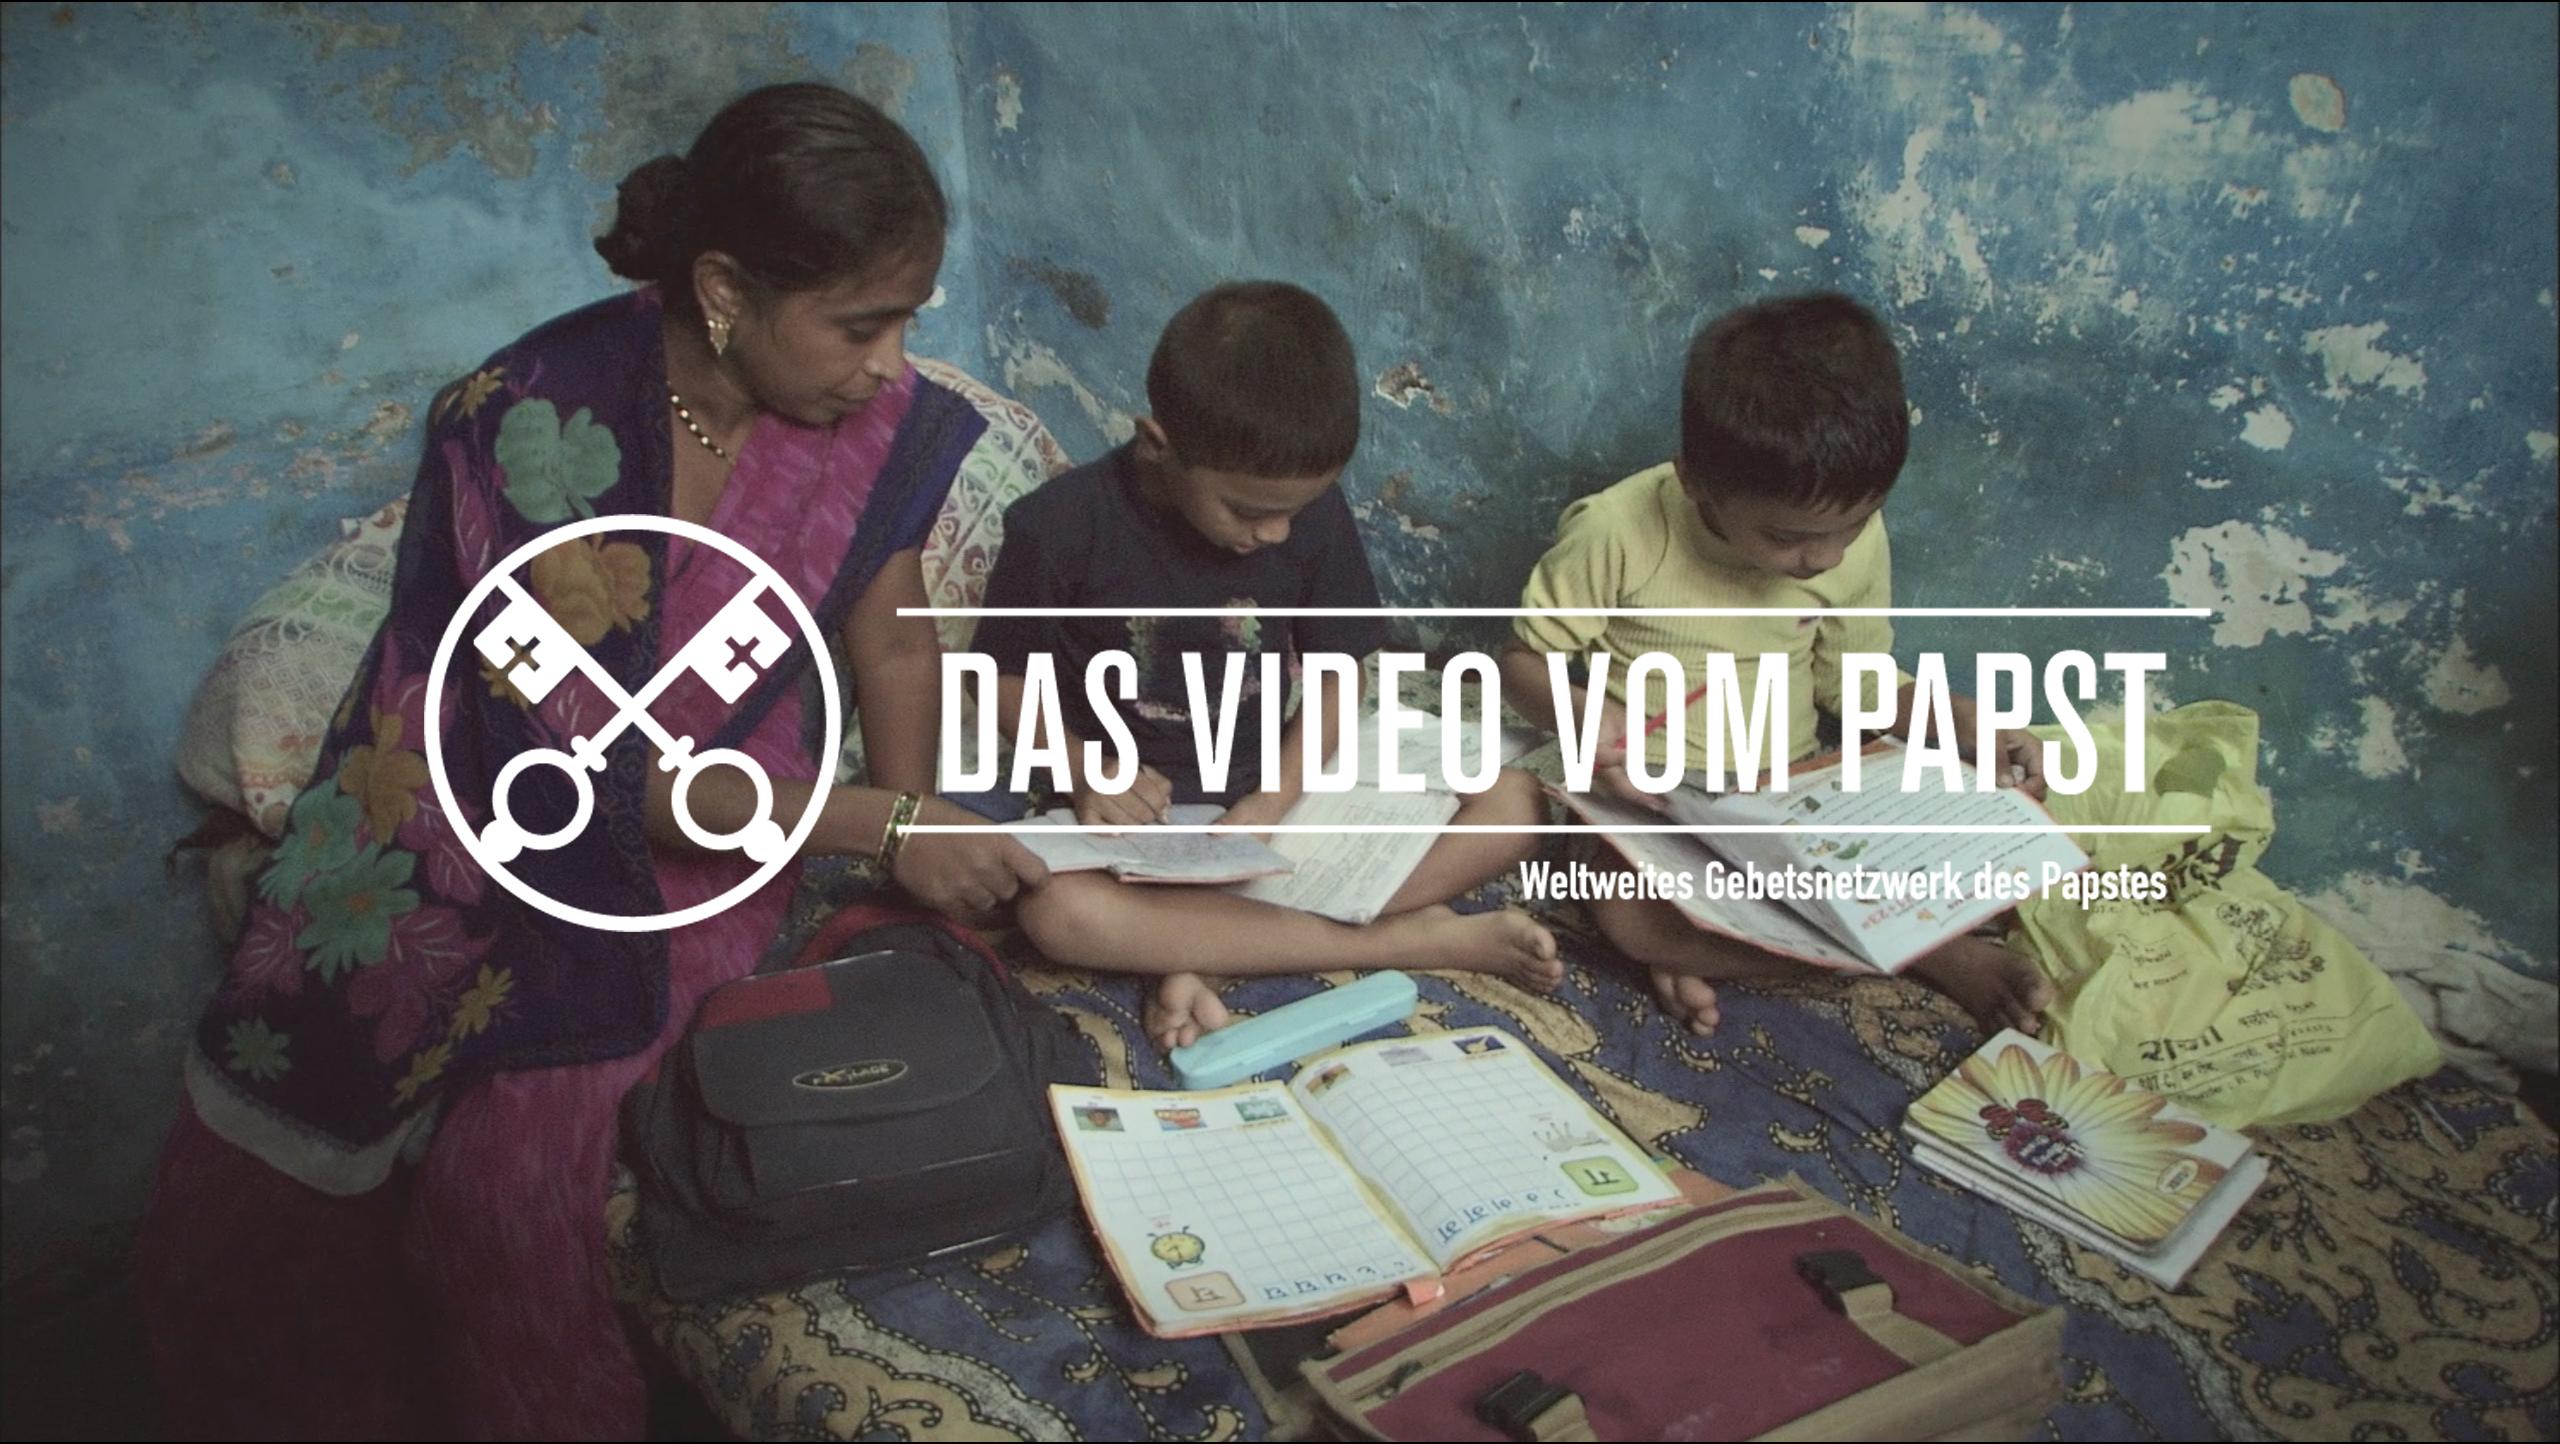 März: Für Kinder und Familien in Schwierigkeiten